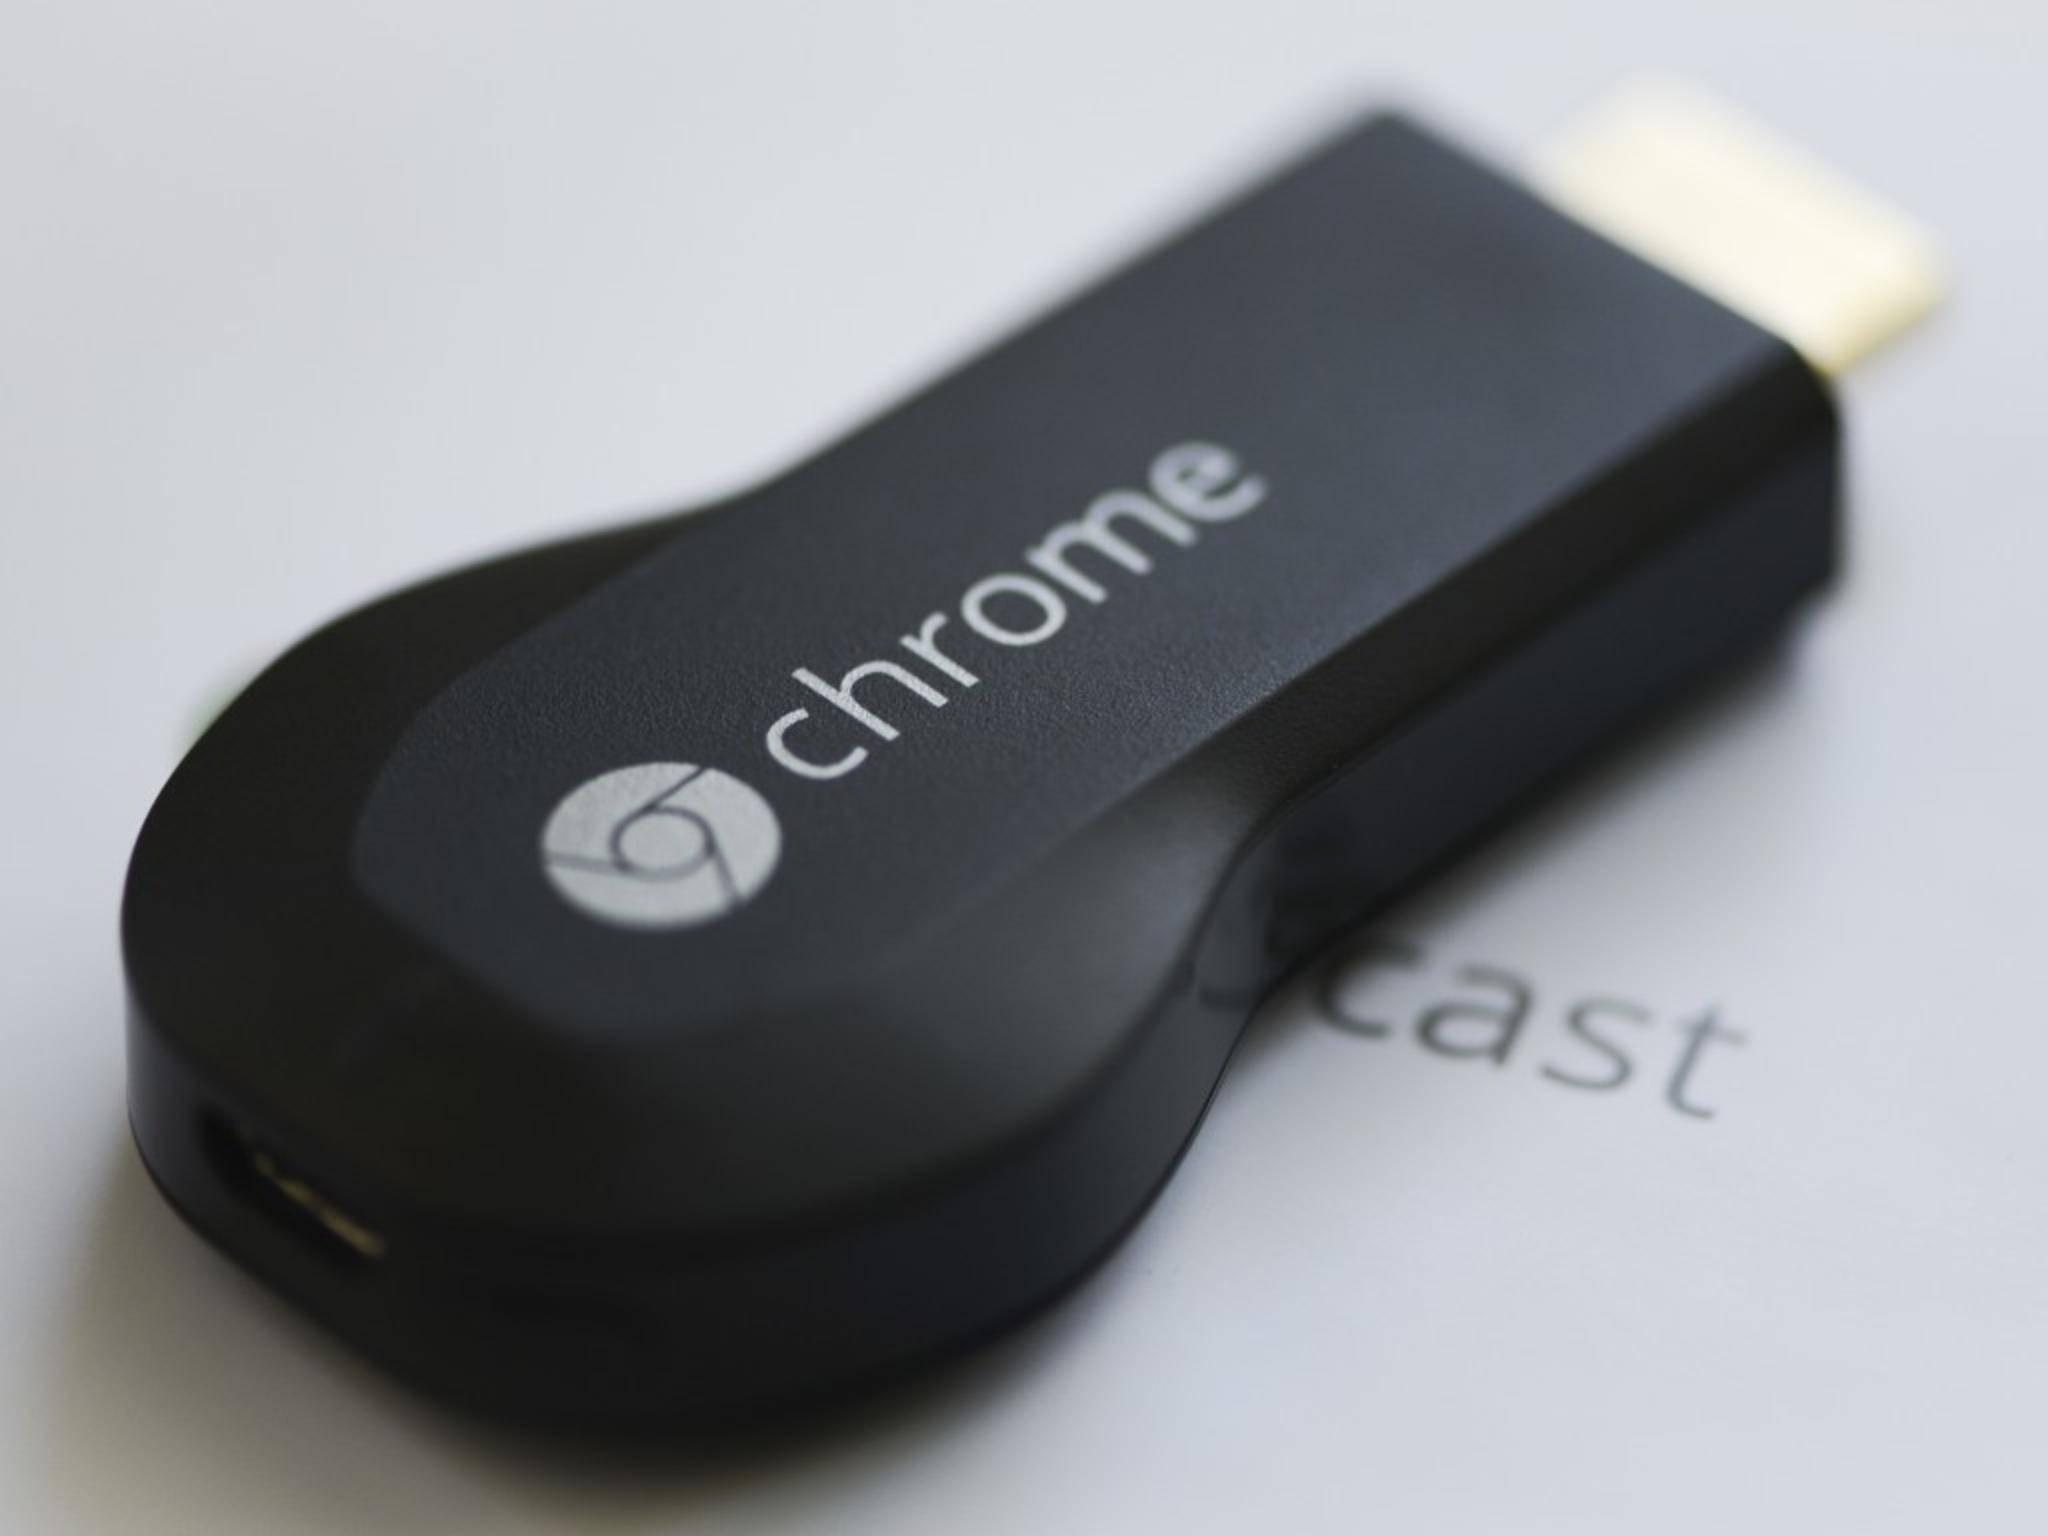 Mit dem Google Chromecast sind künftig gemütliche Spielenachmittage möglich.